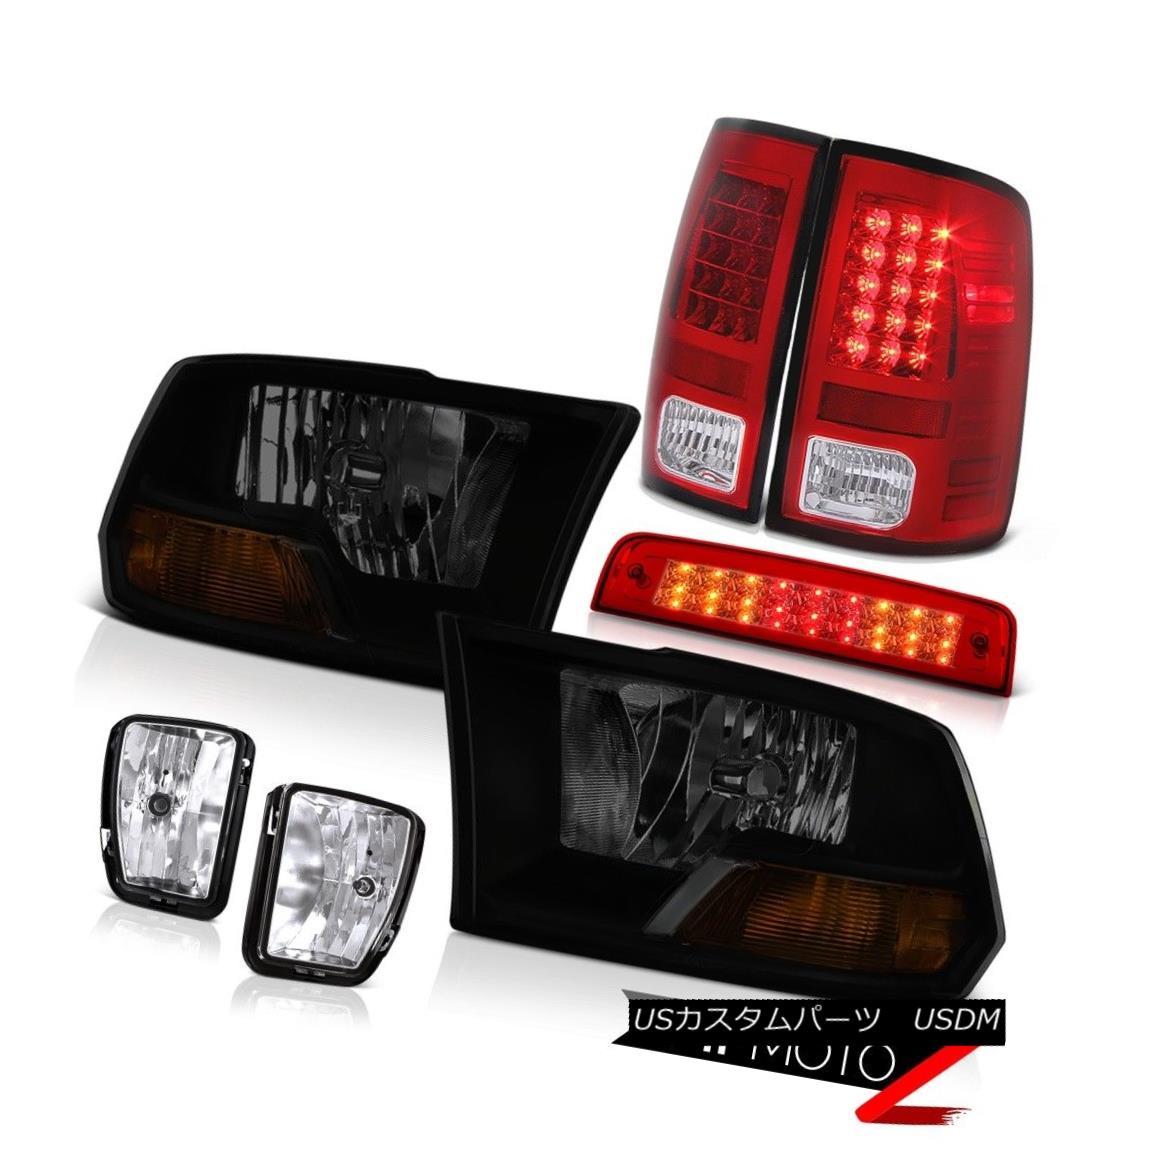 テールライト 13-18 Ram 1500 Lamarie Wine Red 3RD Brake Light Fog Lights Taillamps Headlamps 13-18ラム1500ララミーワインレッド3RDブレーキライトフォグライトテールランプヘッドランプ